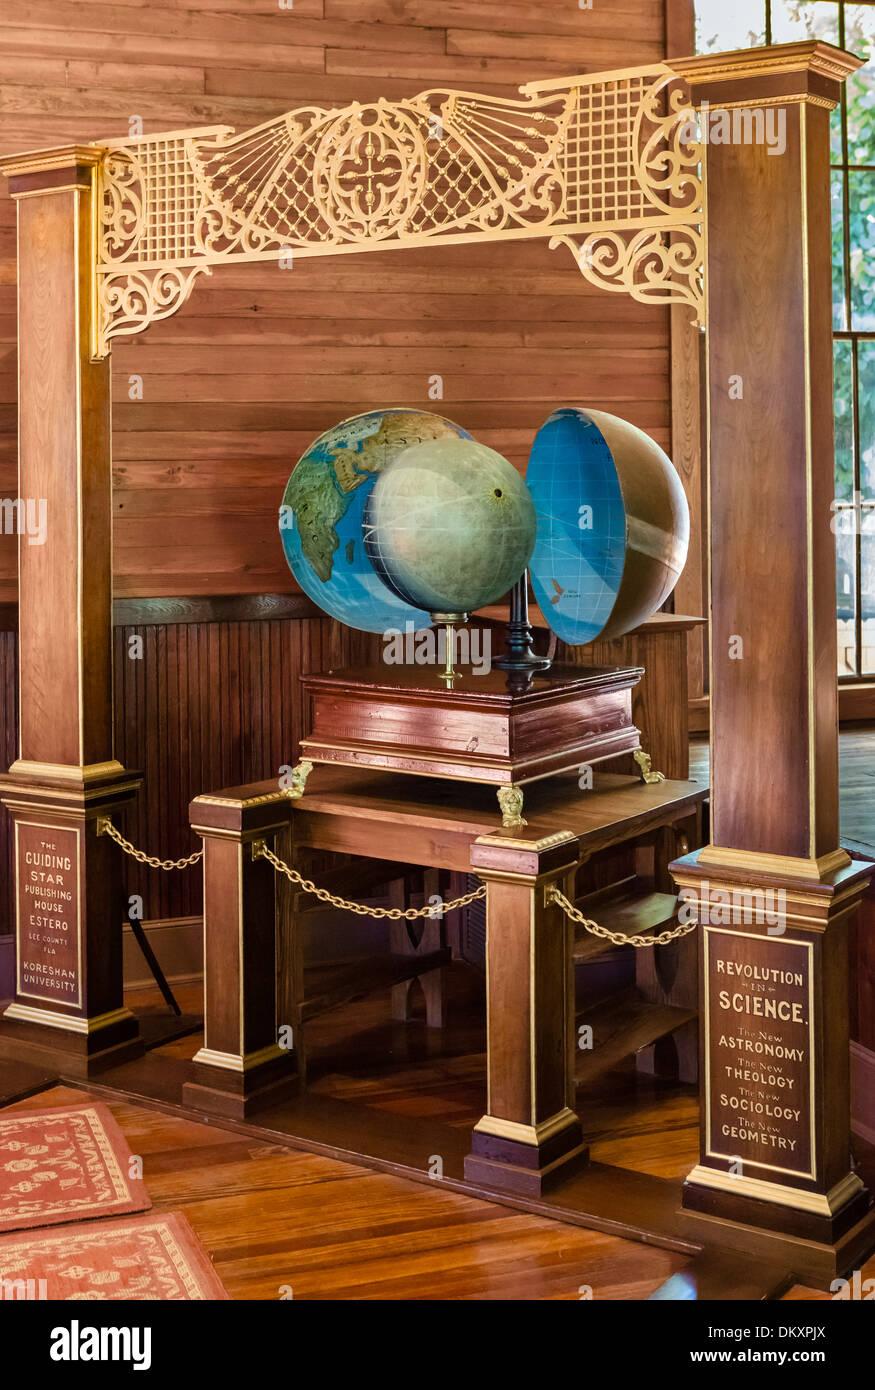 """Modell Illustratiing die Koreshan """"Hohlen Erde"""" Theorie, Koreshan State Historic Park, Estero, nr Fort Myers, Florida, USA Stockbild"""